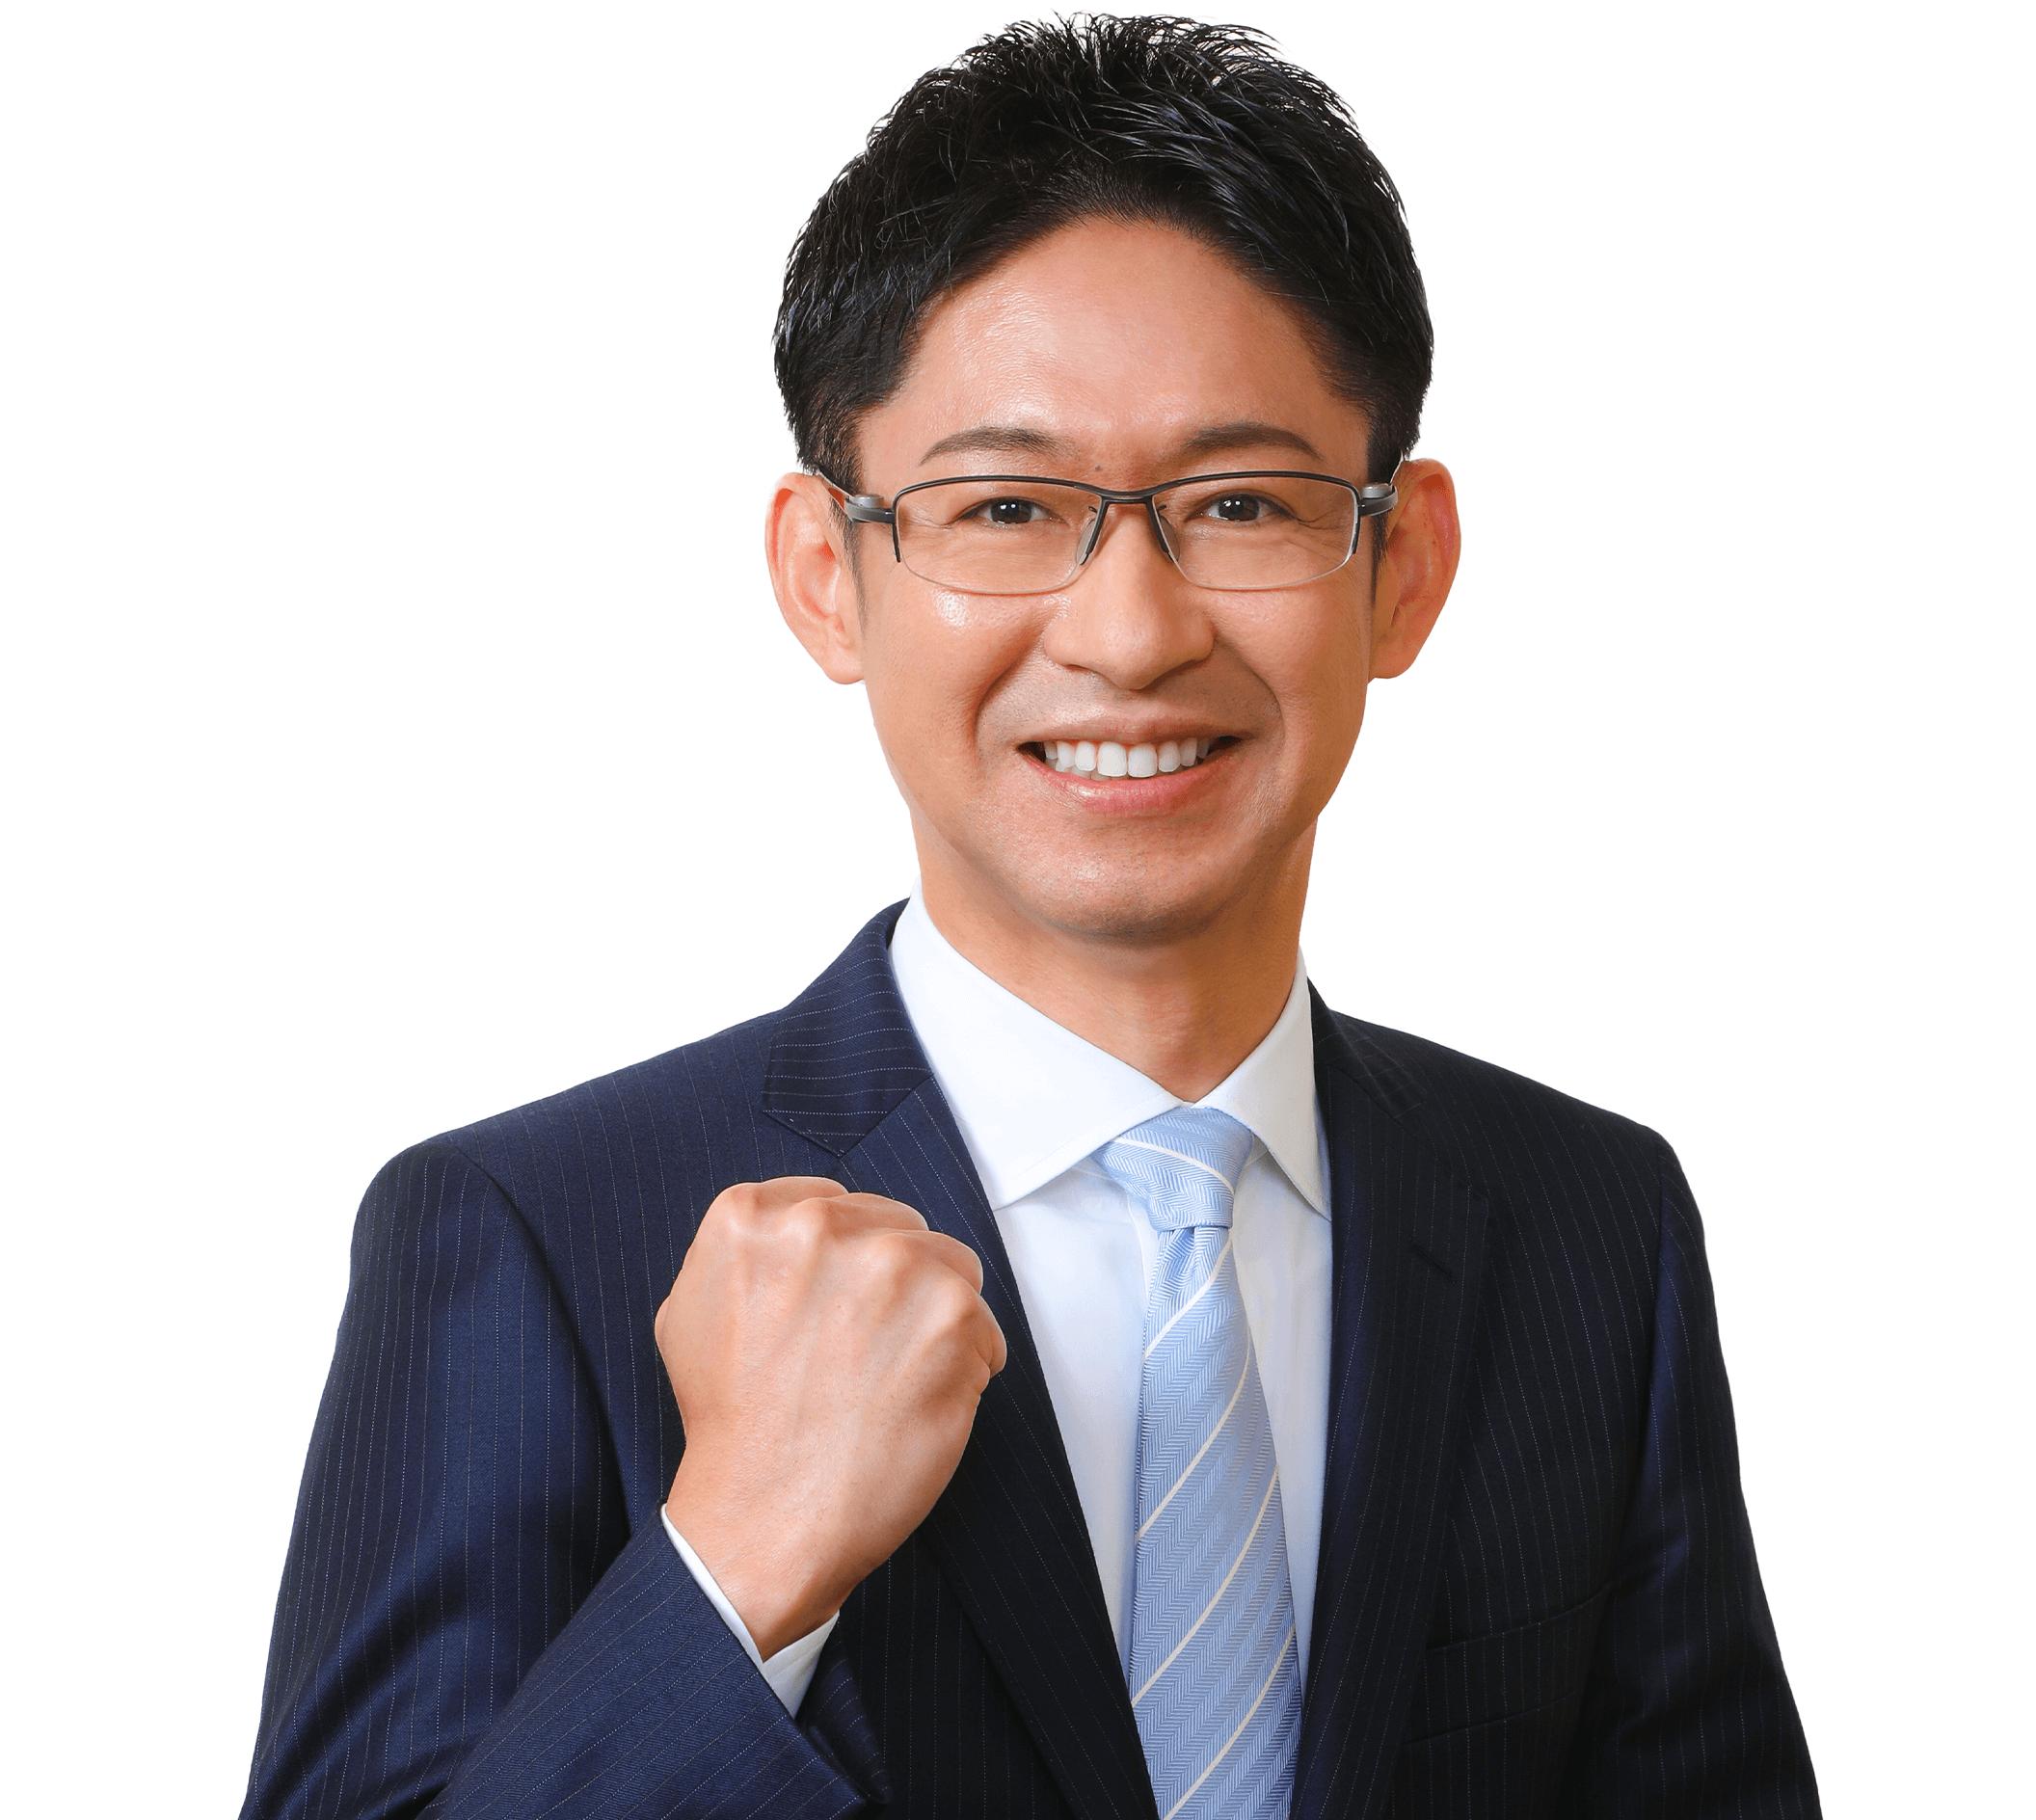 大津市議会議員 谷ゆうじ